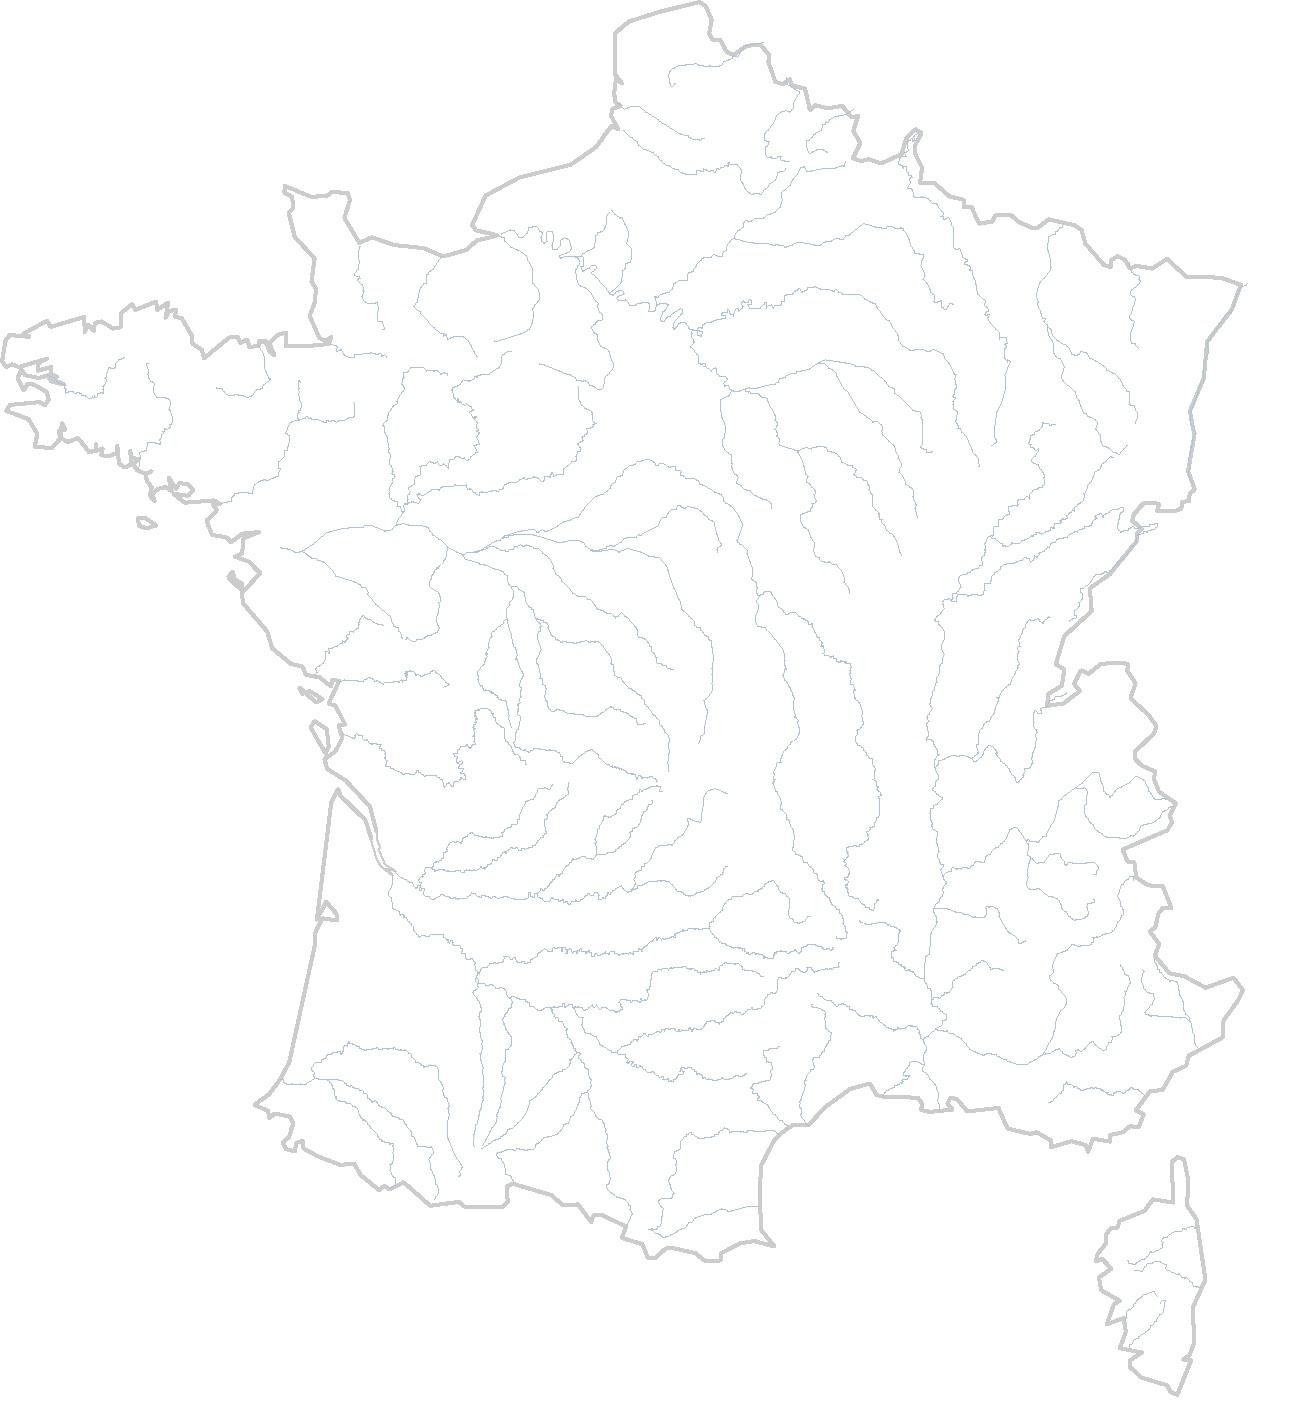 Cartes Muettes De La France À Imprimer - Chroniques pour Carte De France Imprimable